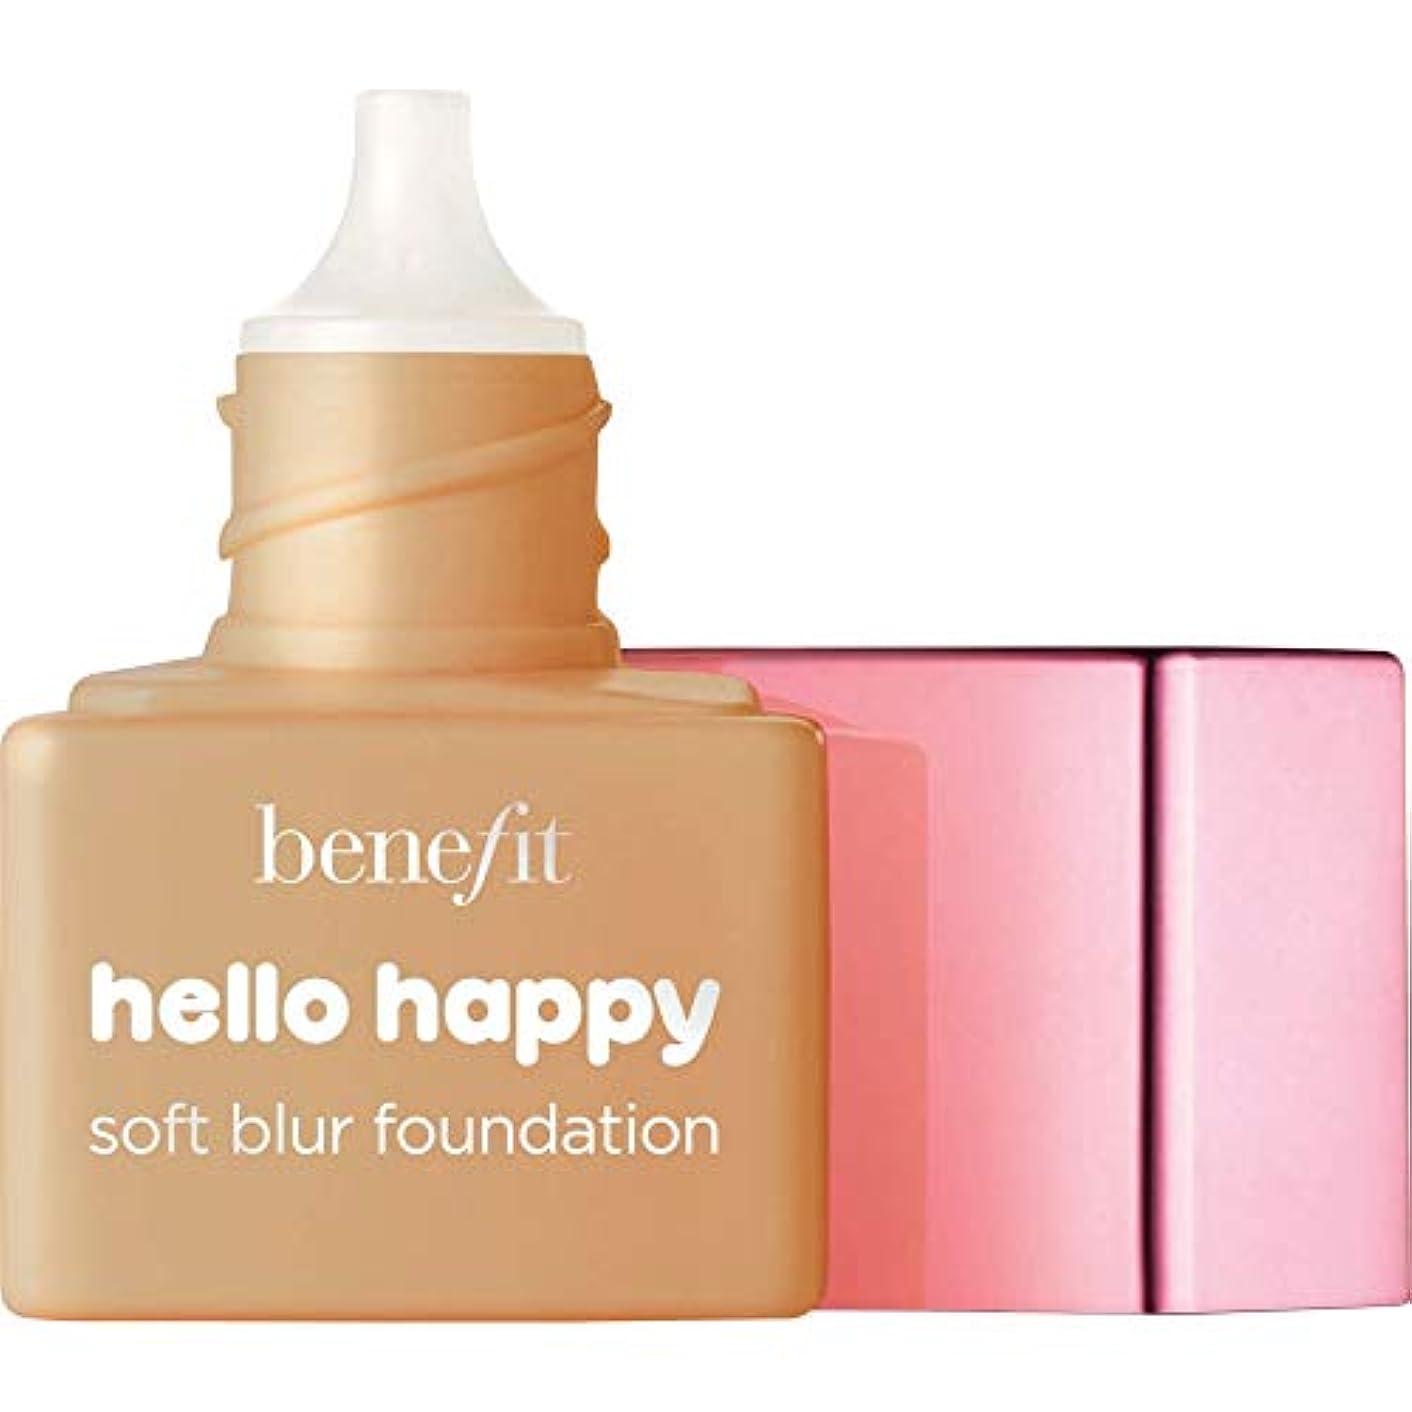 知人最大限スタイル[Benefit] ミニ6 - - こんにちは幸せソフトブラー基礎Spf15の6ミリリットルの利益温培地 - Benefit Hello Happy Soft Blur Foundation SPF15 6ml - Mini 6 - Medium Warm [並行輸入品]